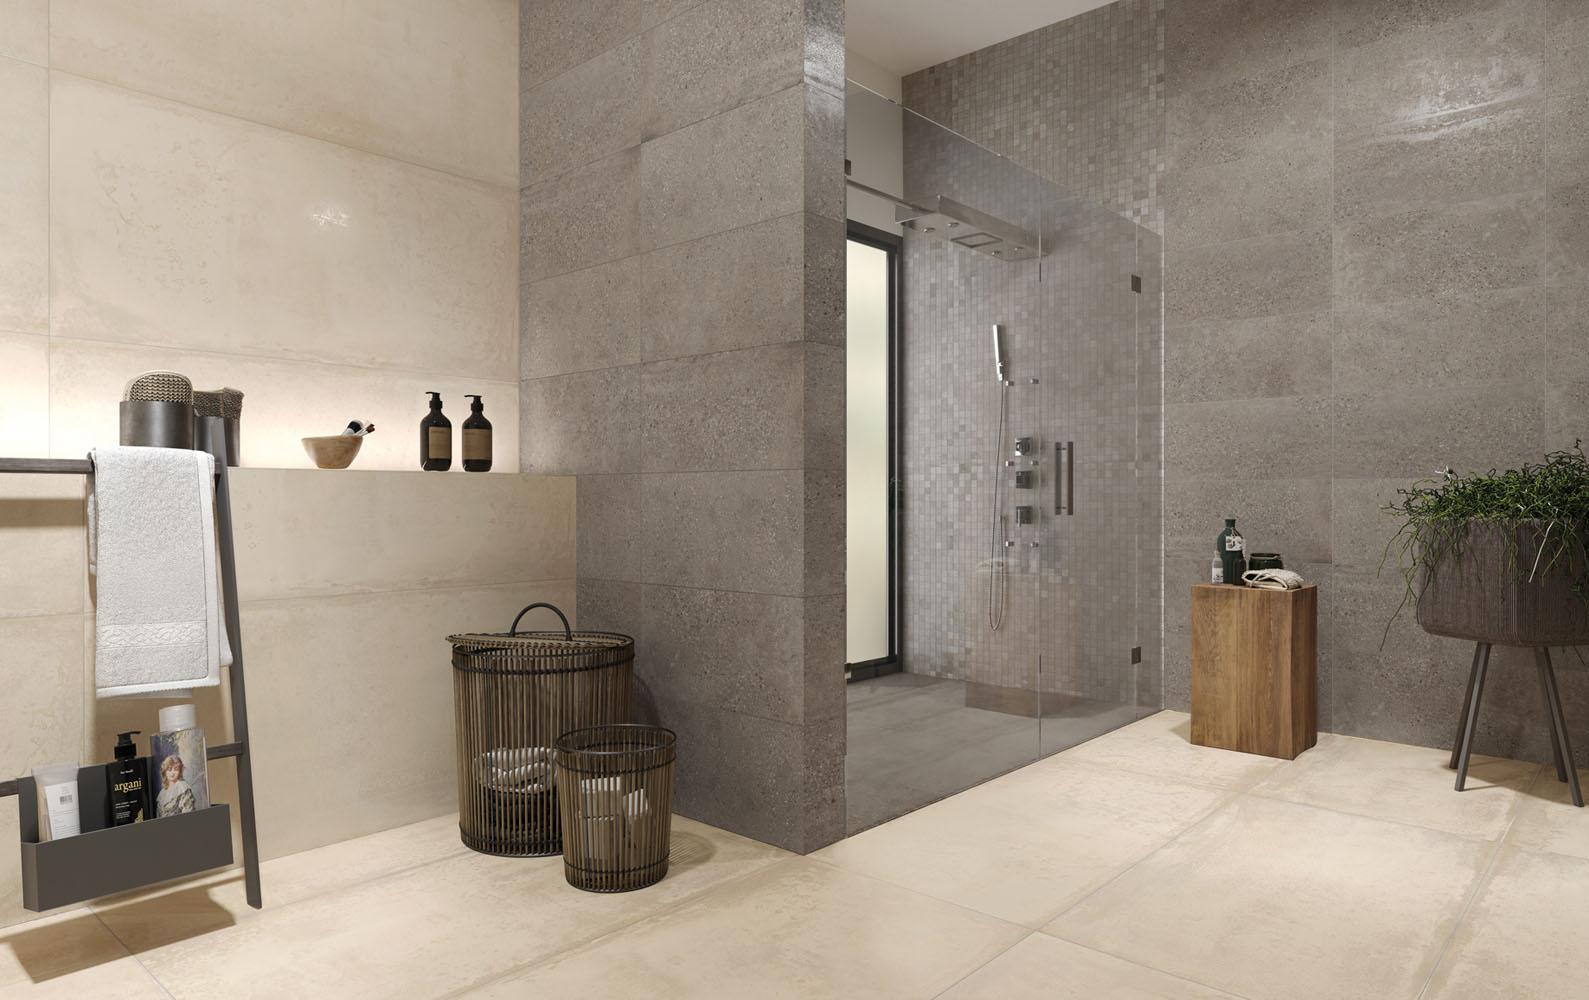 Fliesen für Badezimmer: Ideen + Trends / Sigmund Kachelofen und